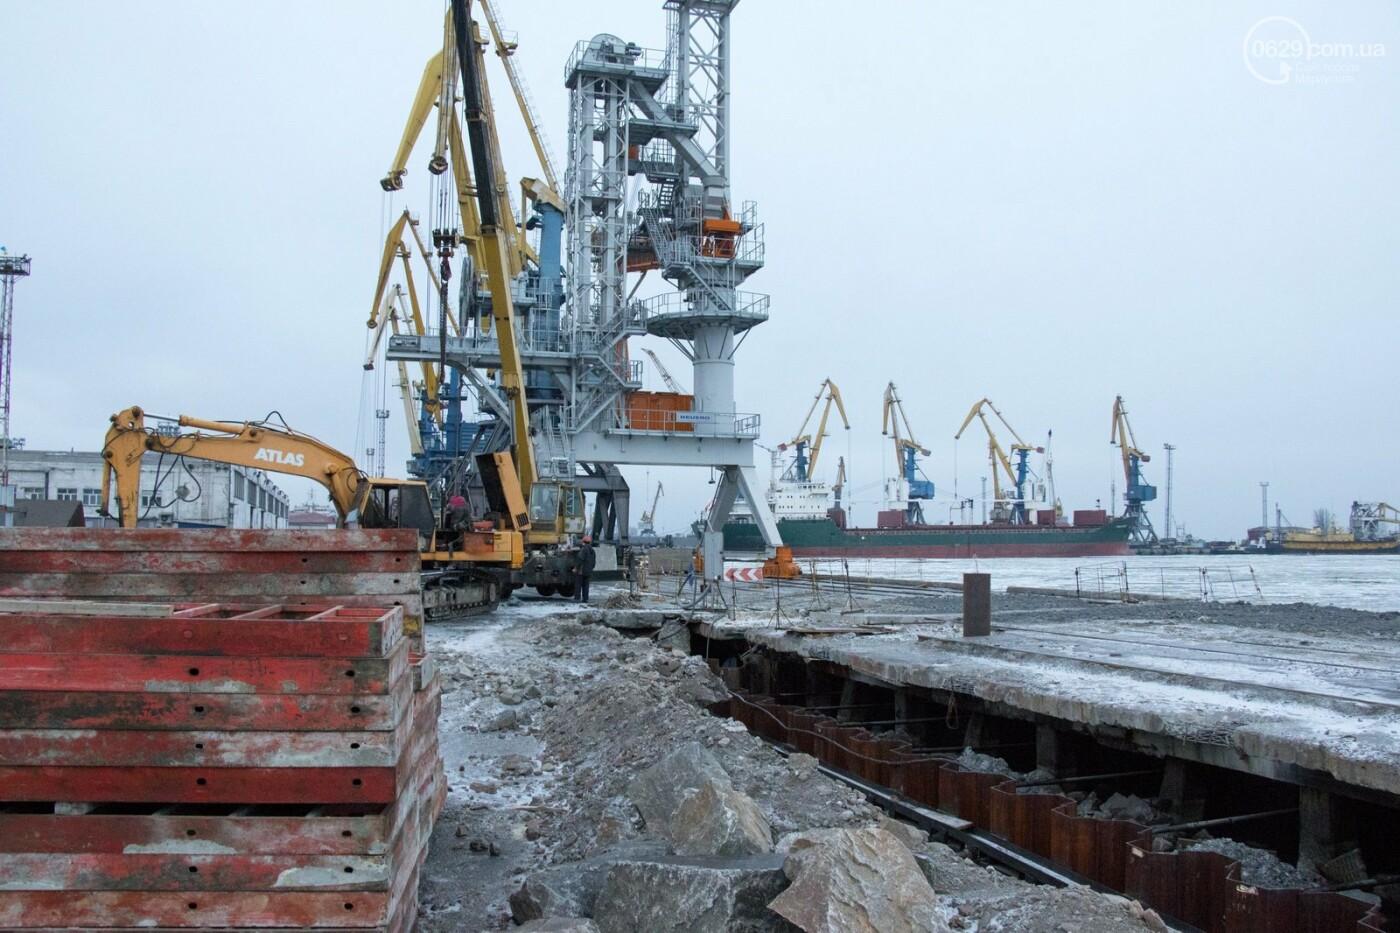 Из-за строительства Керченского моста и незаконной блокады порт Мариуполя потерял 6 миллиардов гривен, - ФОТО, фото-7